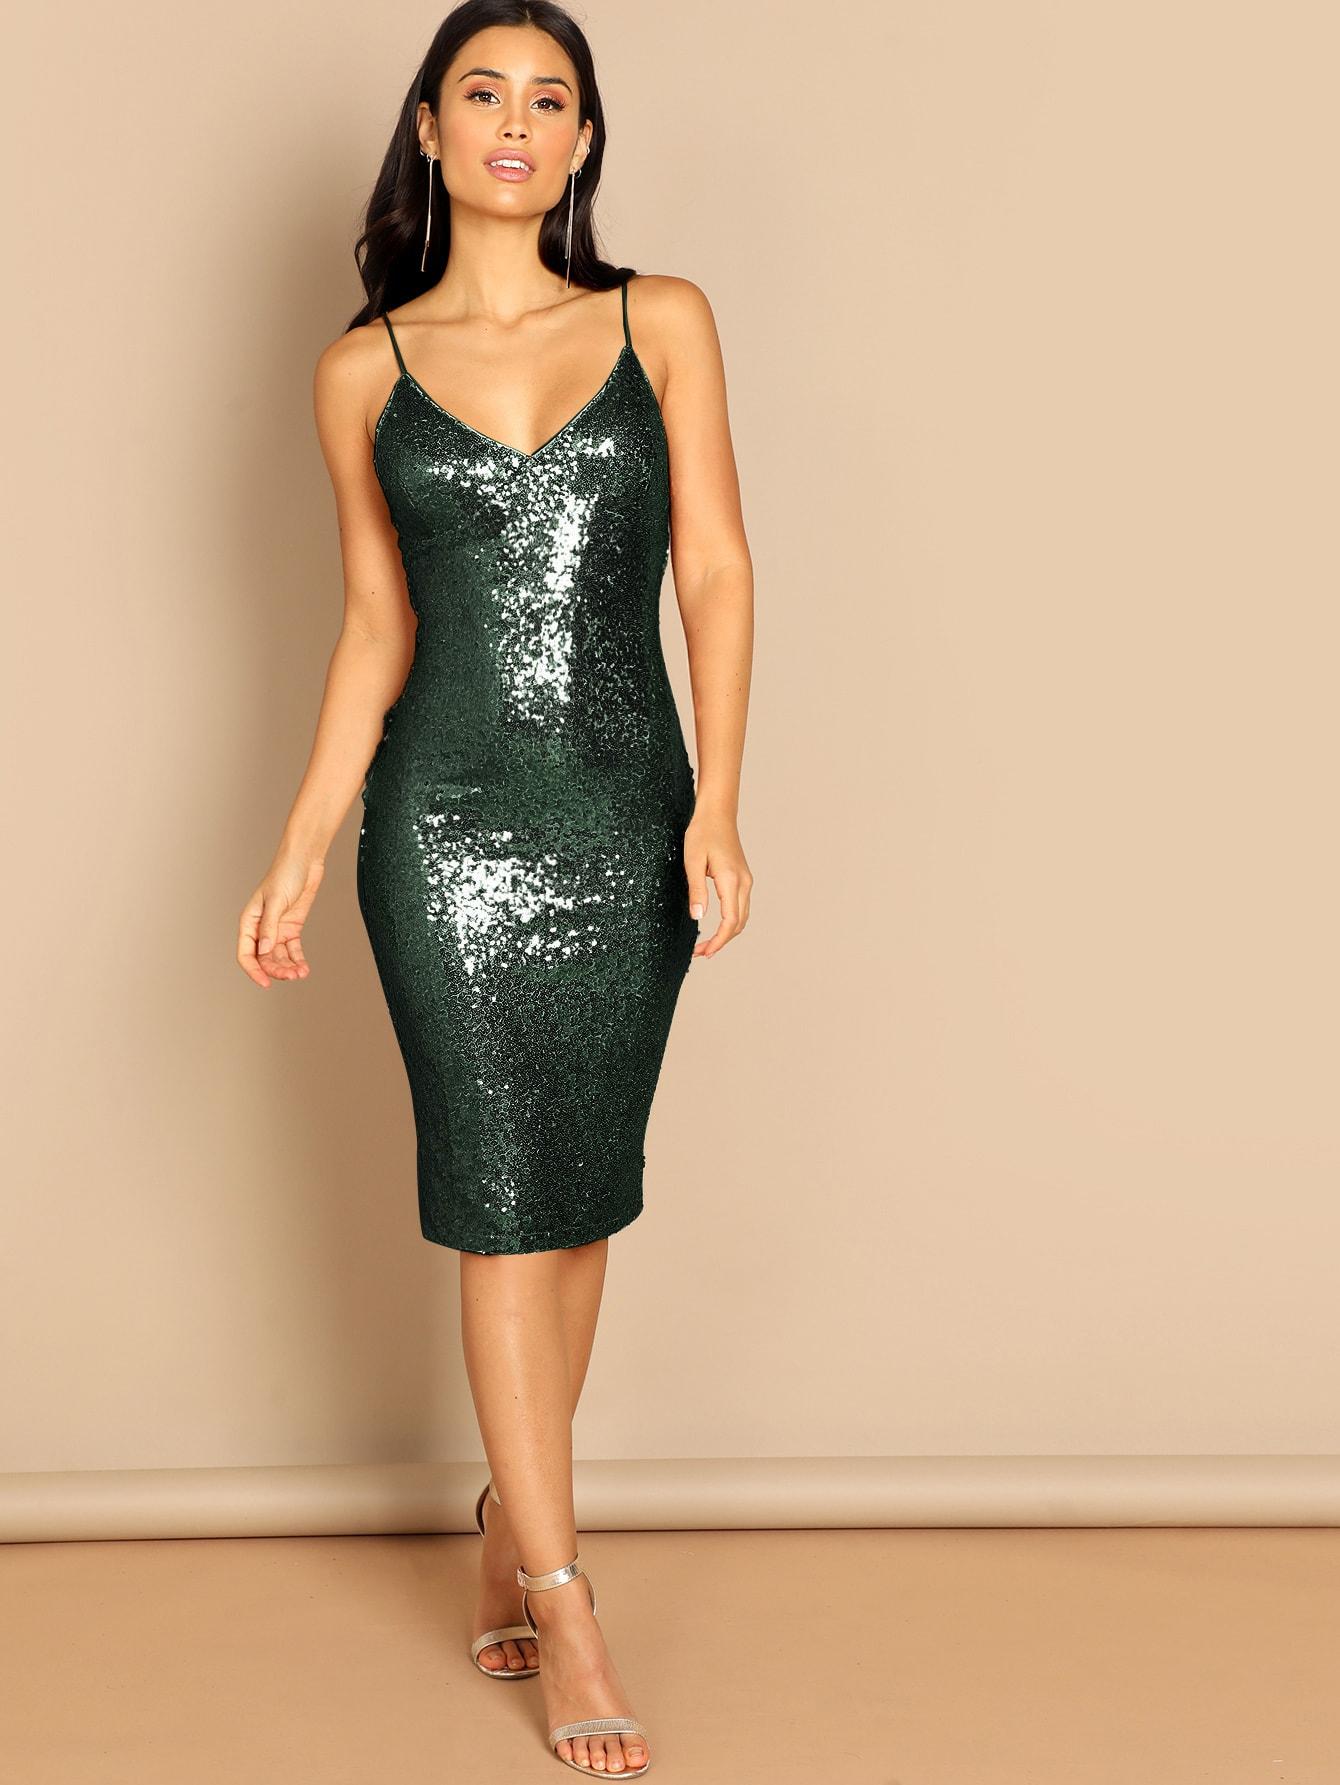 Купить Облегающее платье из пайеток и молнией сзади, Izzy Marshall, SheIn